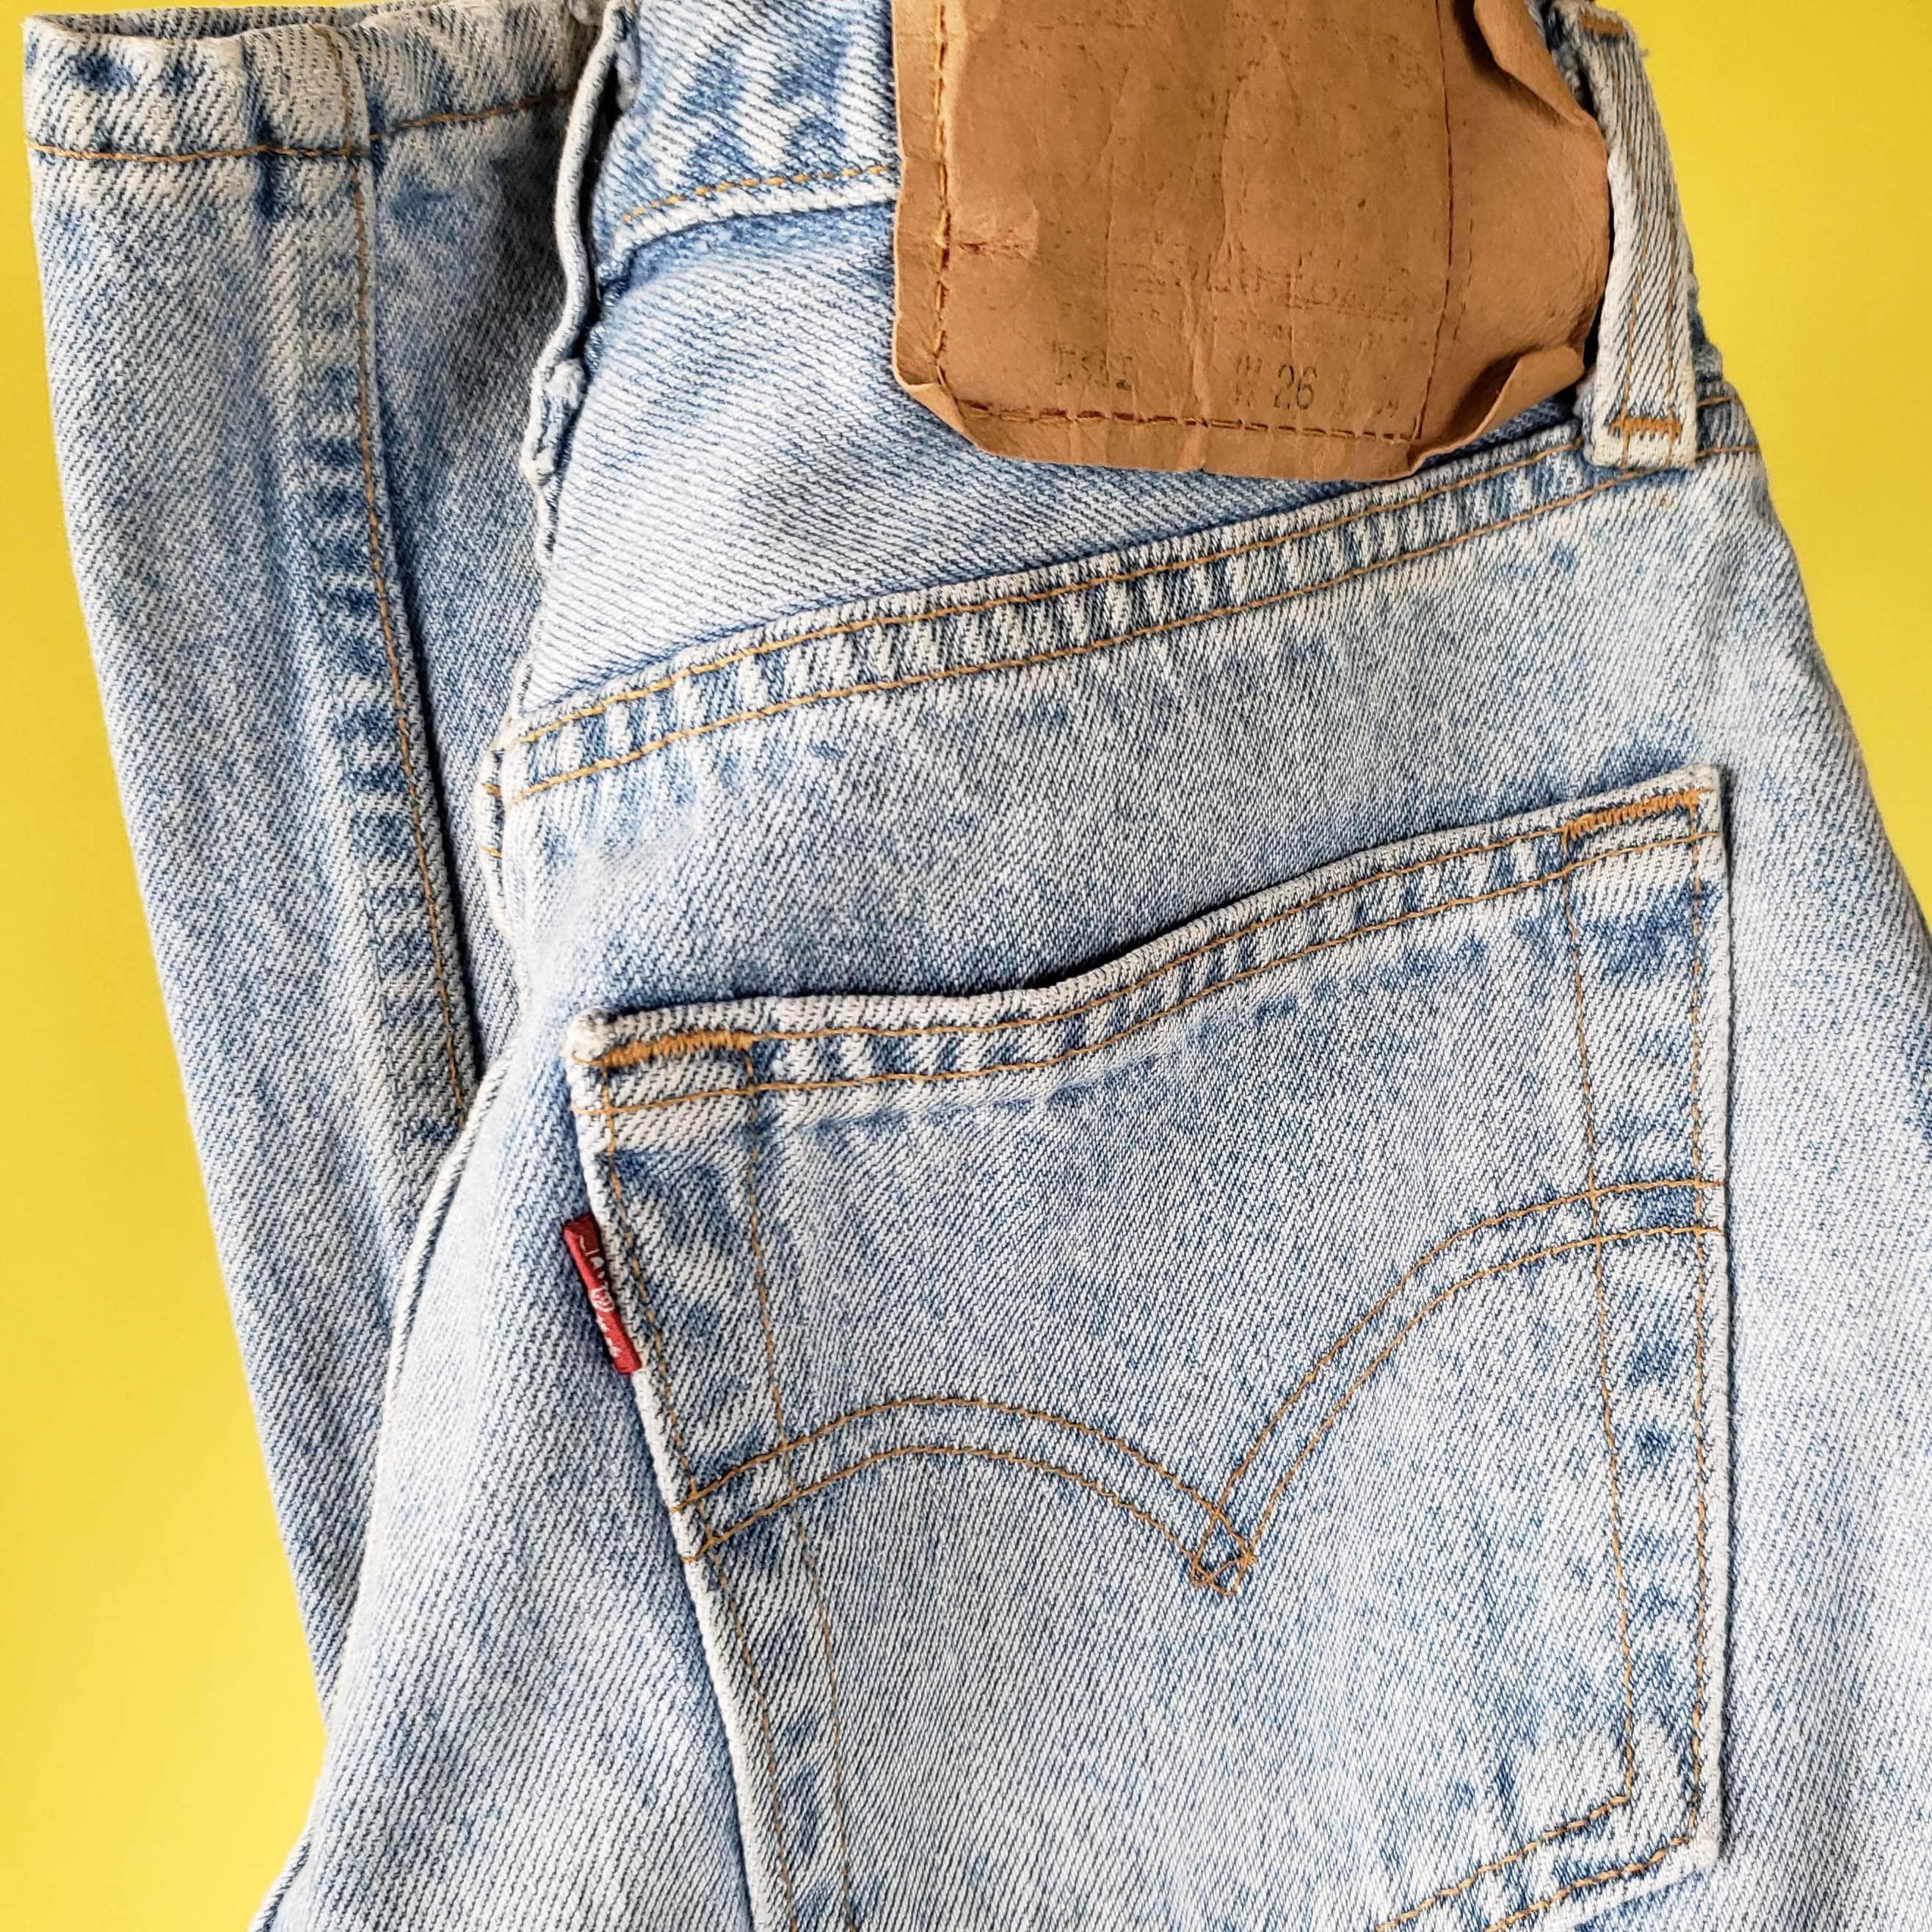 2707d38e Size 23/24 1980s Vintage Levis 501, Levi's Light Wash 501 23 24 waist, Vintage  Levis 501 Jeans 23 24, Long Tall